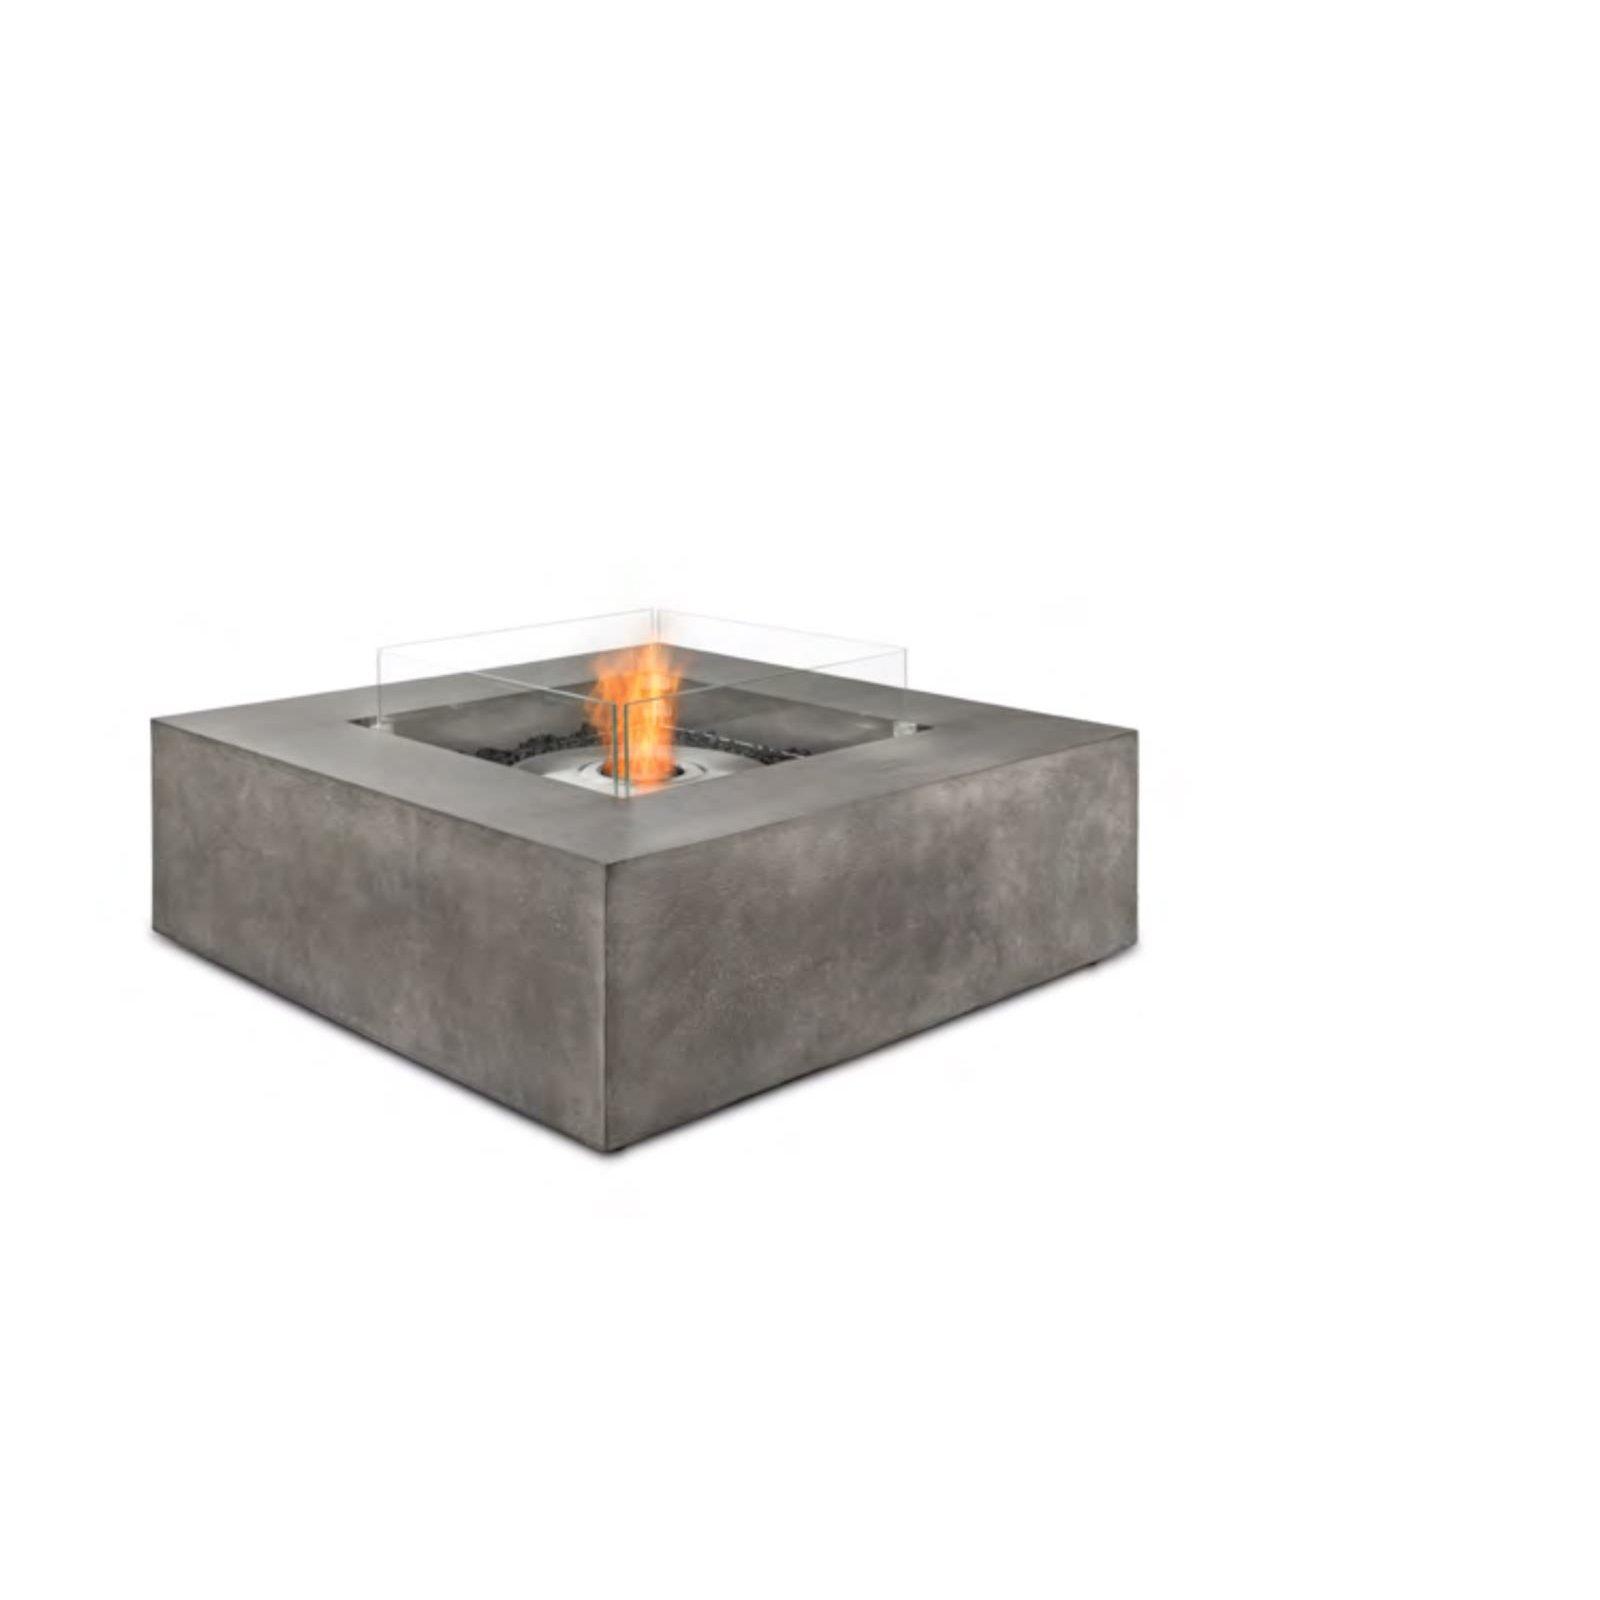 Full Size of Tisch Outdoor Ethanolkamin Ecosmart Base Big Sofa Mit Hocker Runder Esstisch Ausziehbar Regal Schreibtisch Badezimmer Spiegelschrank Beleuchtung Pendelleuchte Wohnzimmer Tisch Mit Feuerschale